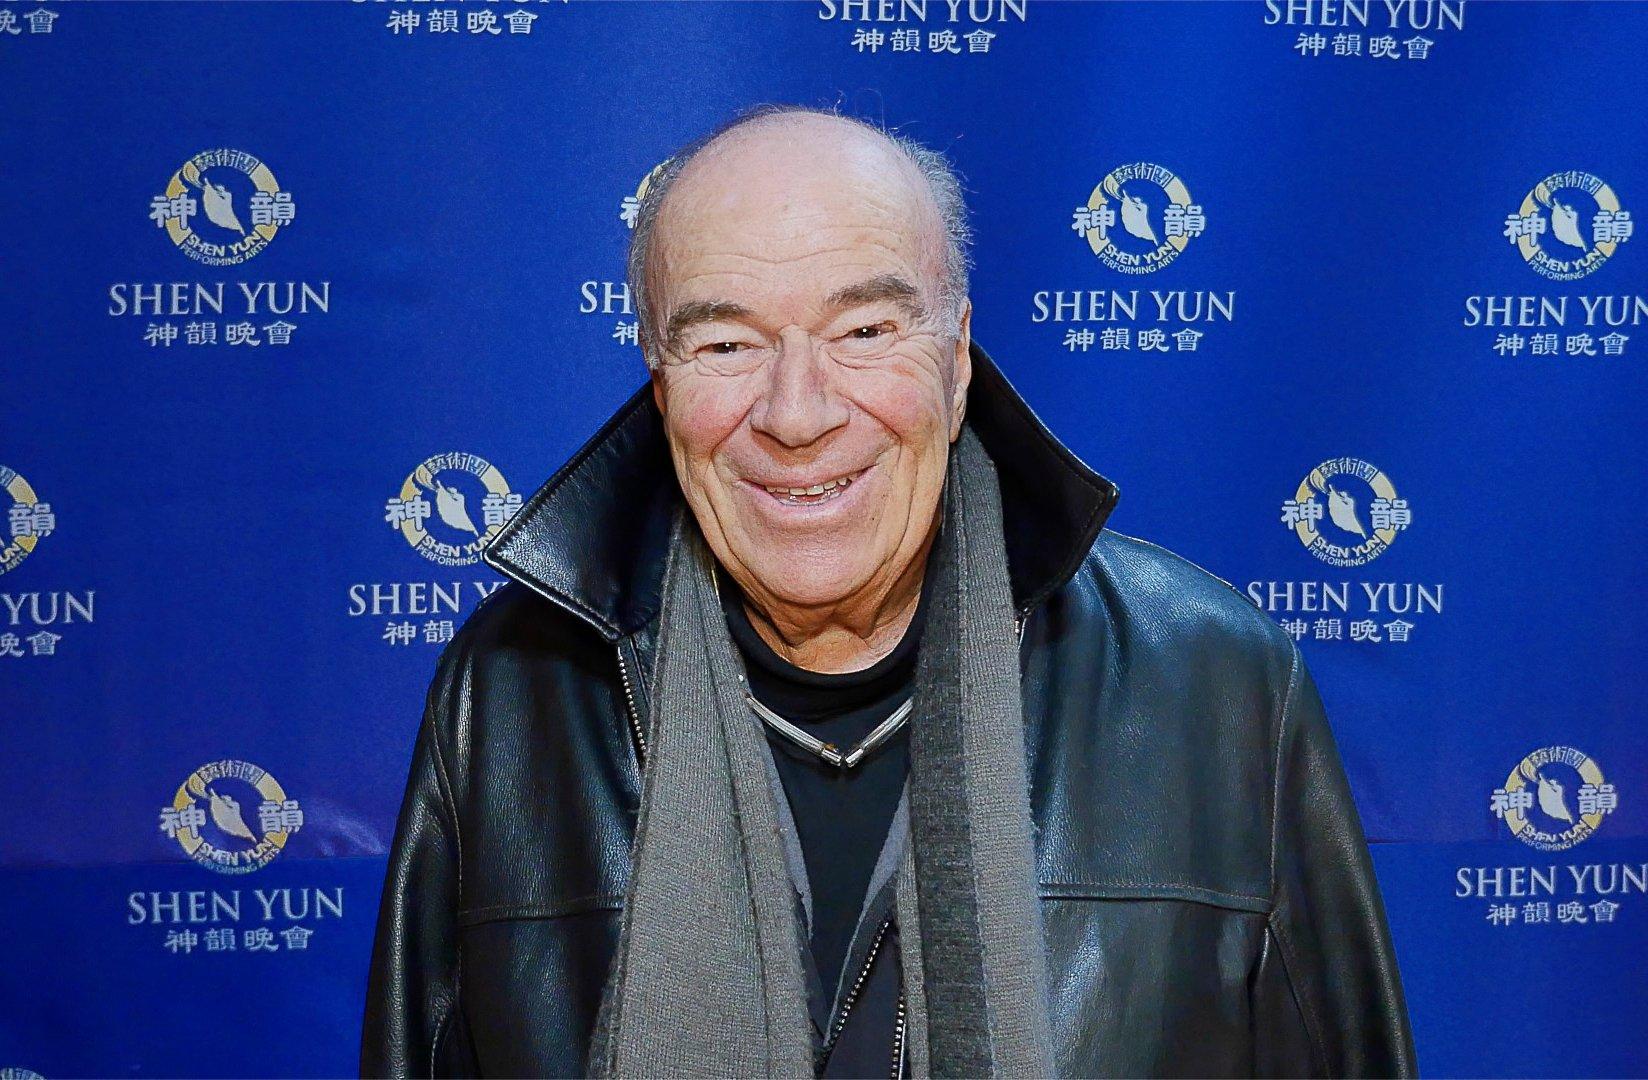 美國聯邦法官Frederic Block說:「演出中有很多節目讓我心儀……神韻交響樂的細膩處理和演員們的非凡才能,都讓我心懷感激。」(新唐人電視台提供)